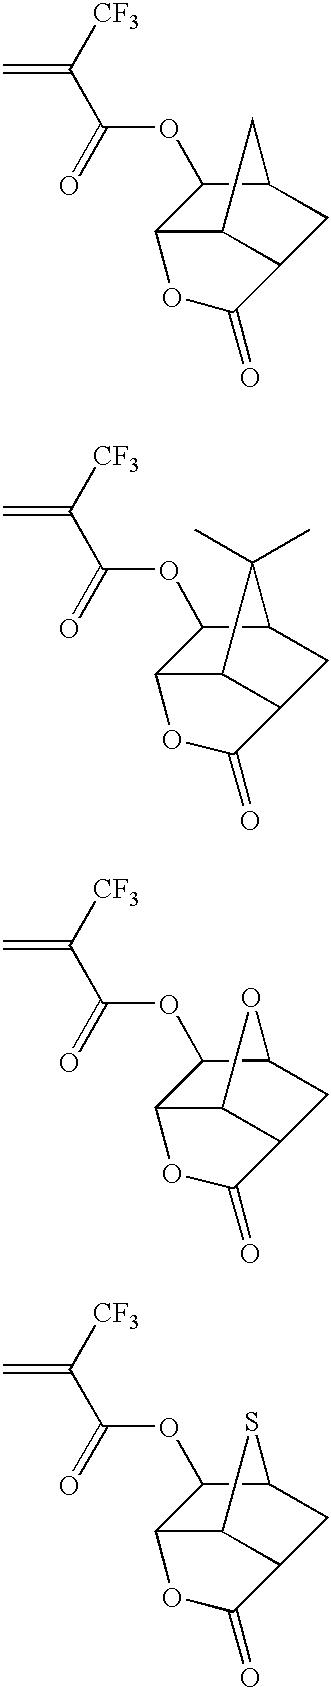 Figure US06680389-20040120-C00005